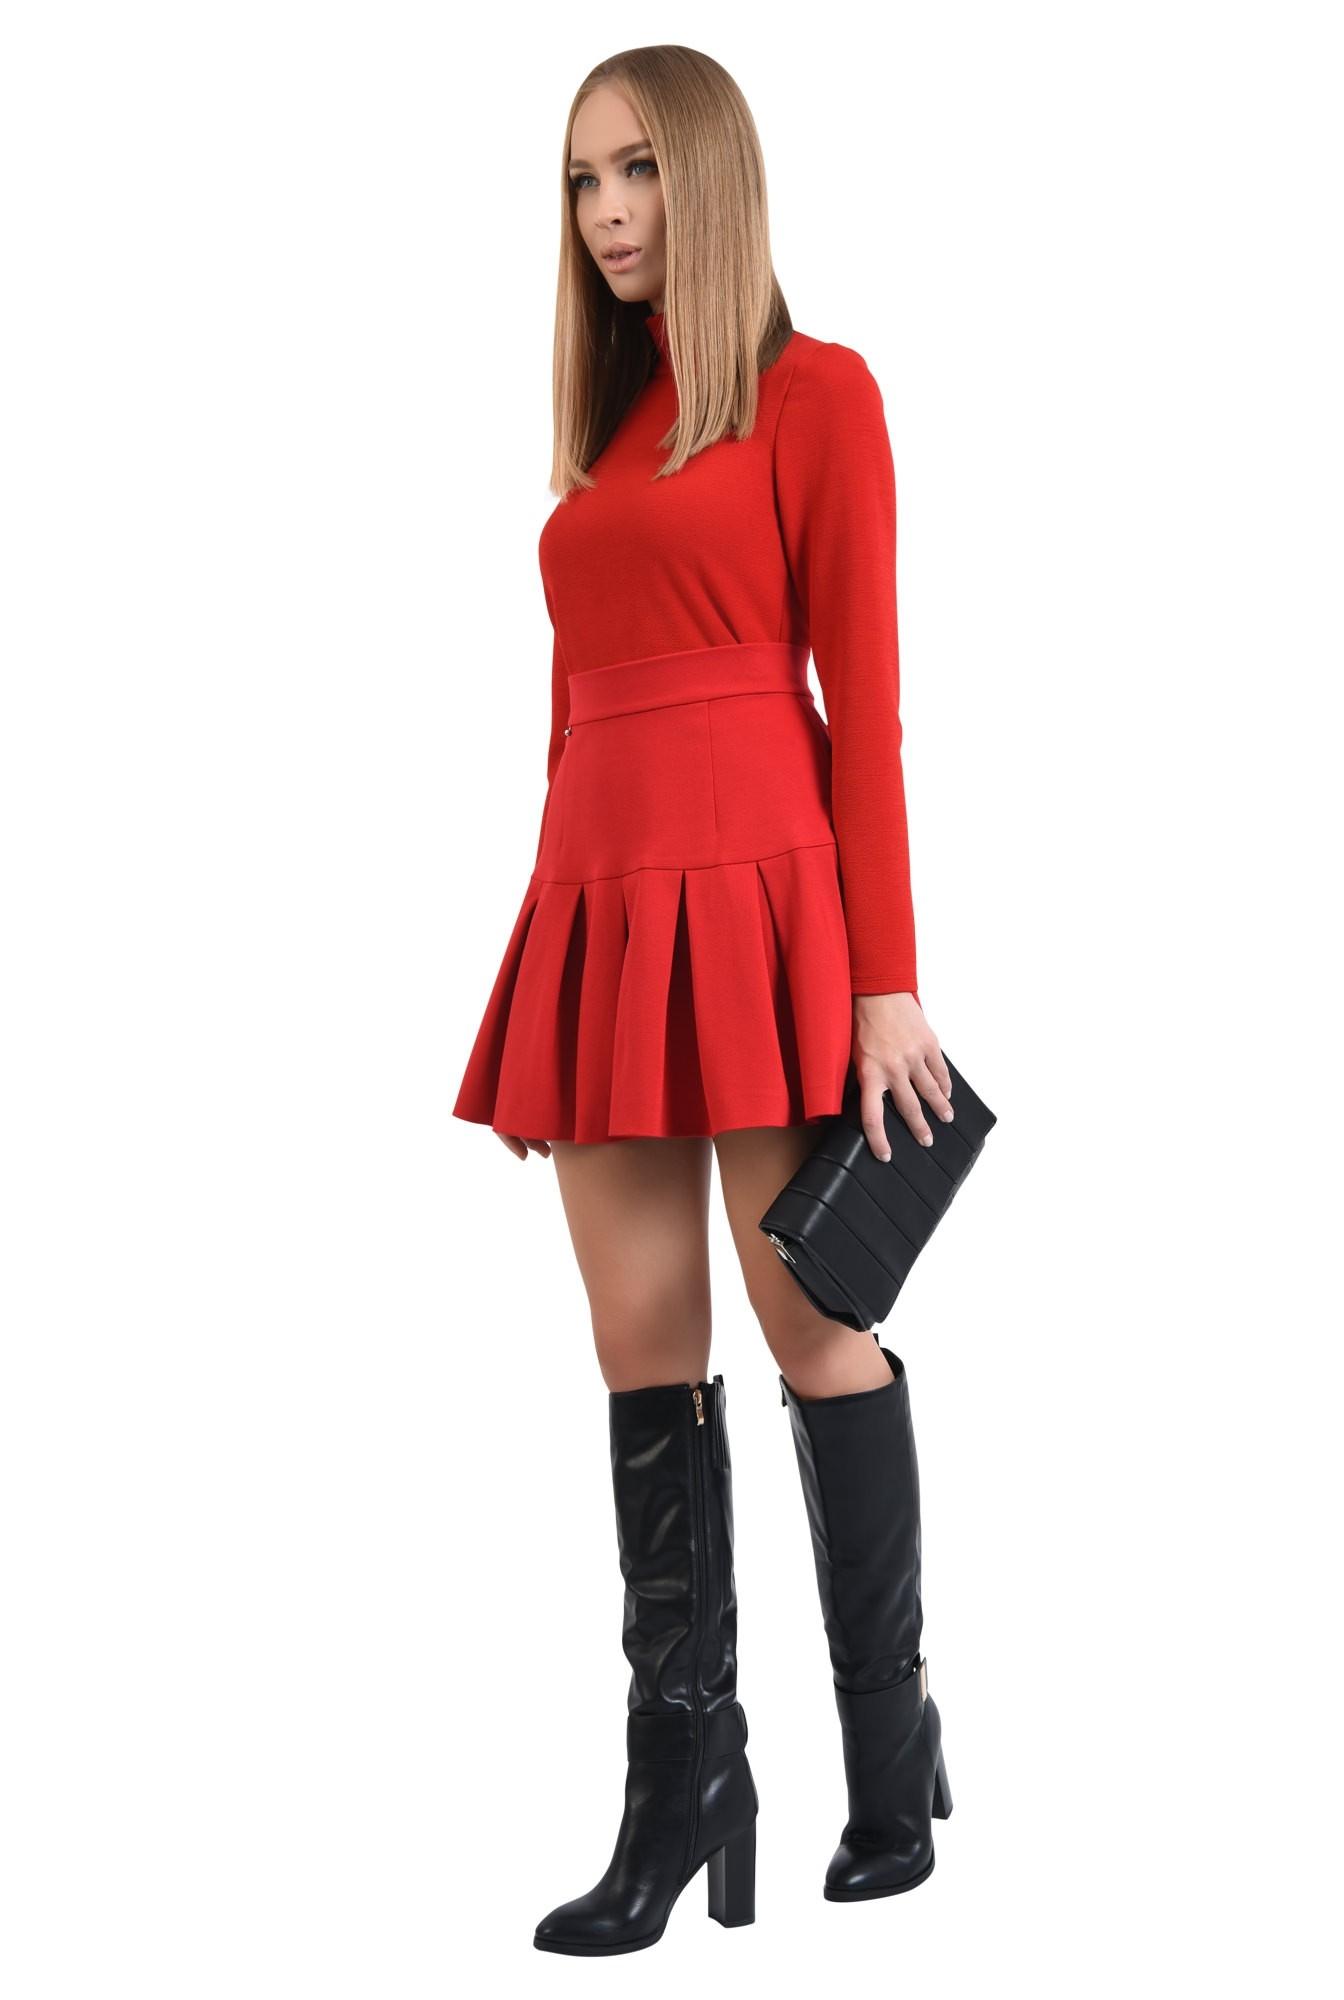 3 - 360 - fusta rosie, de zi, tesatura elastica, colectie toamna